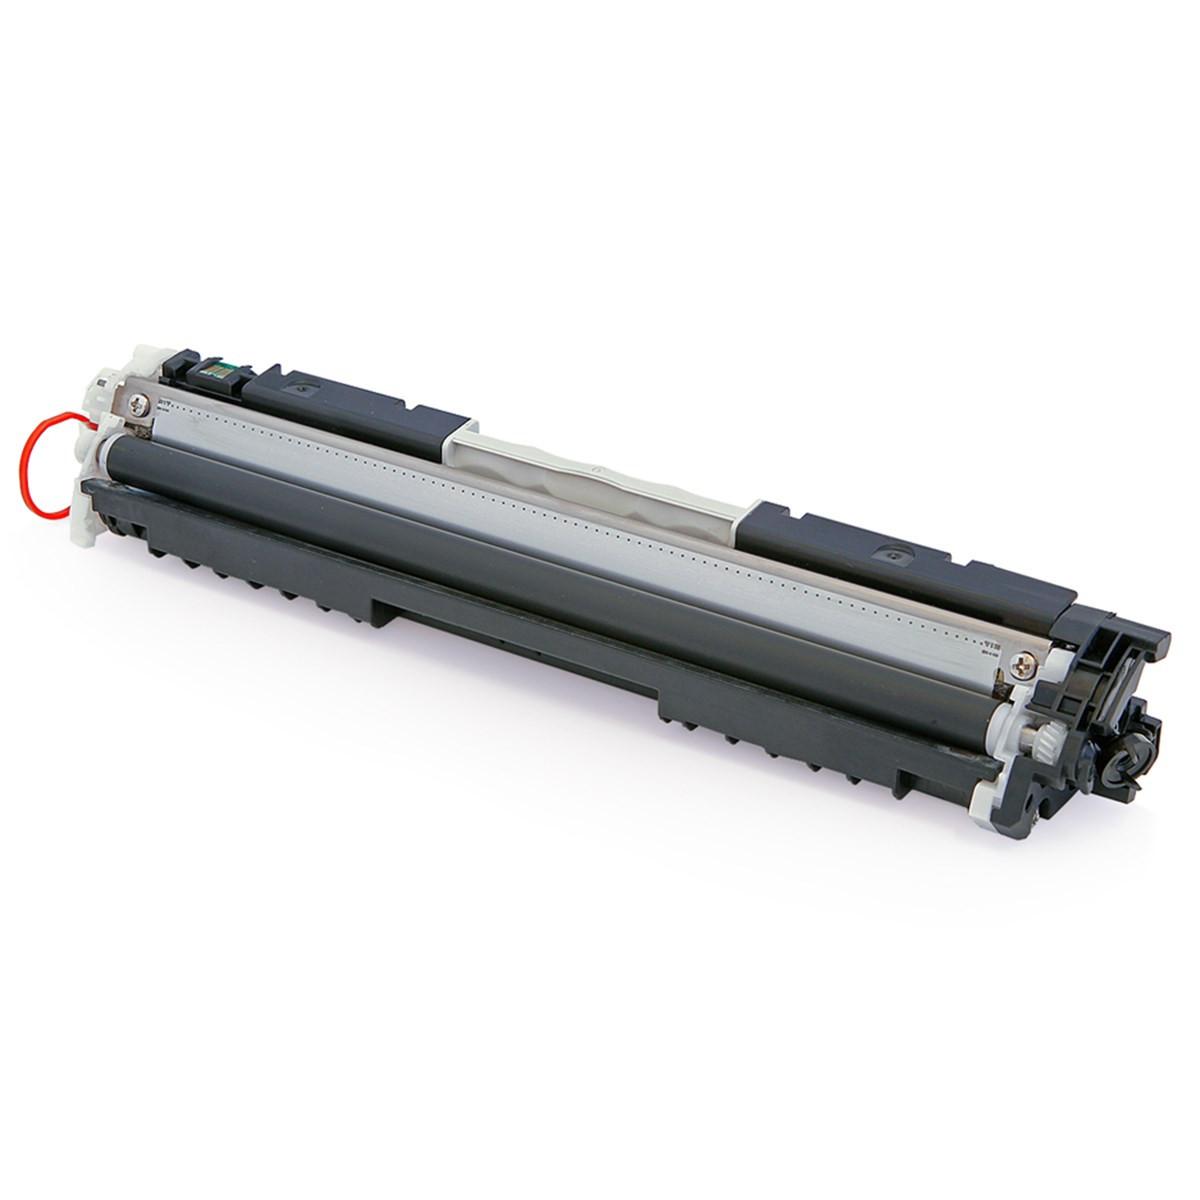 Toner Compatível com HP CF350A Universal 350A 130A Preto | M176 M176N M177 M177FW | Premium 1.2k